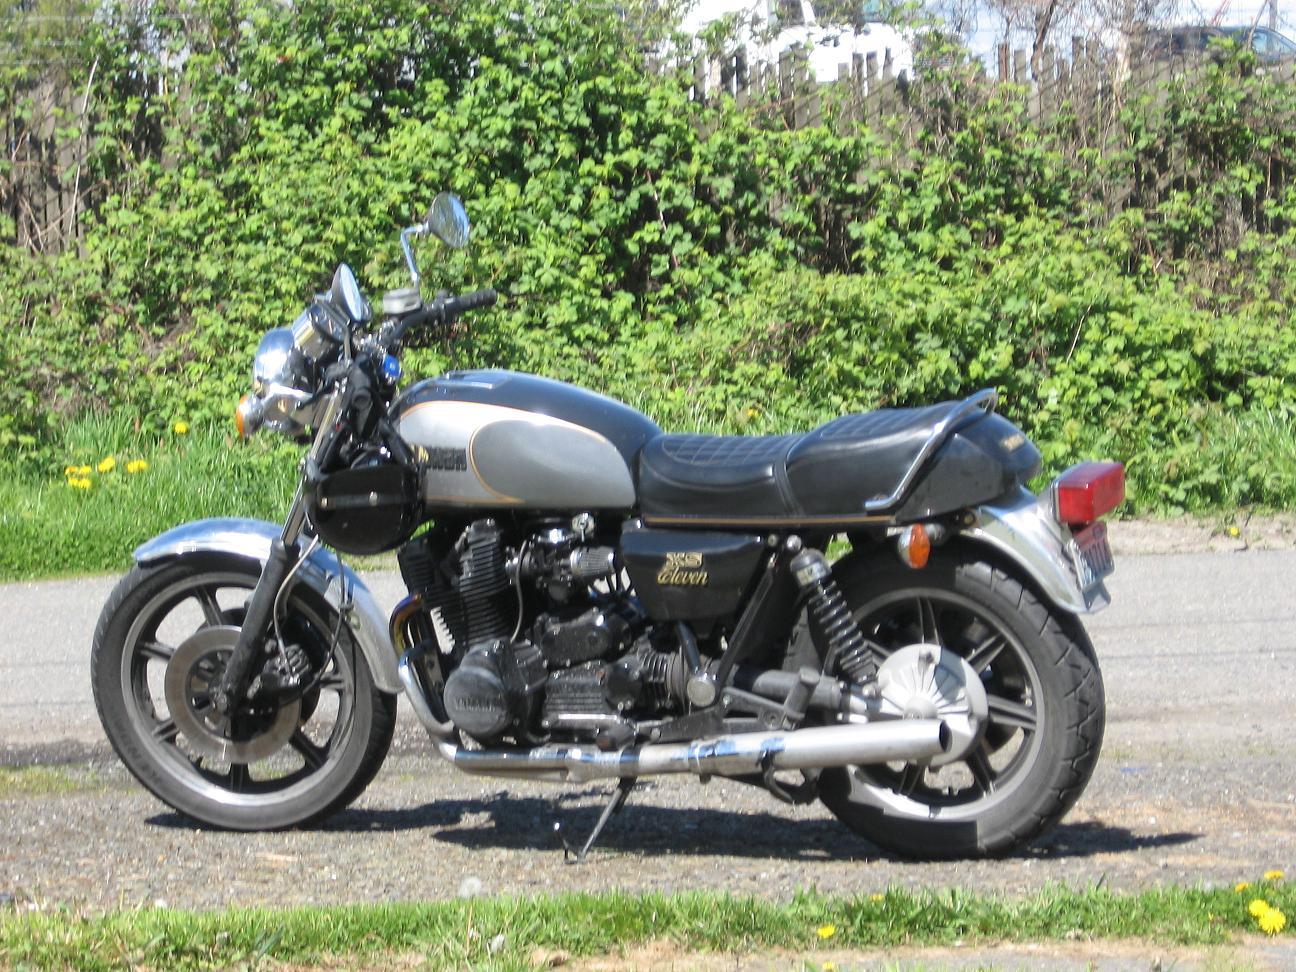 Manual de Partes Moto Yamaha 4RP1 1995 DESCARGAR GRATIS